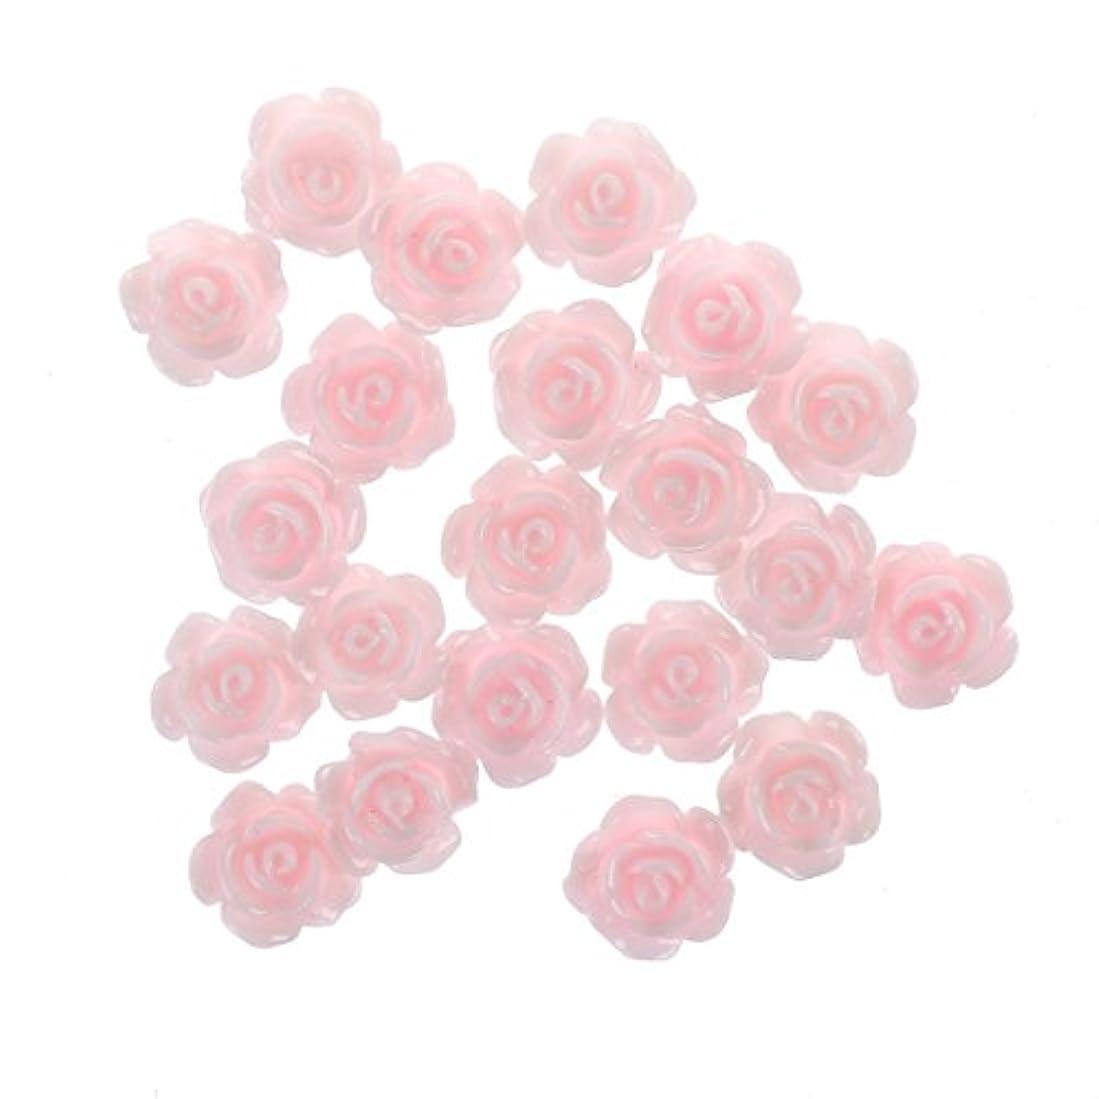 主張酸化する蛾ネイルアート,SODIAL(R)20x3Dピンクの小さいバラ ラインストーン付きネイルアート装飾